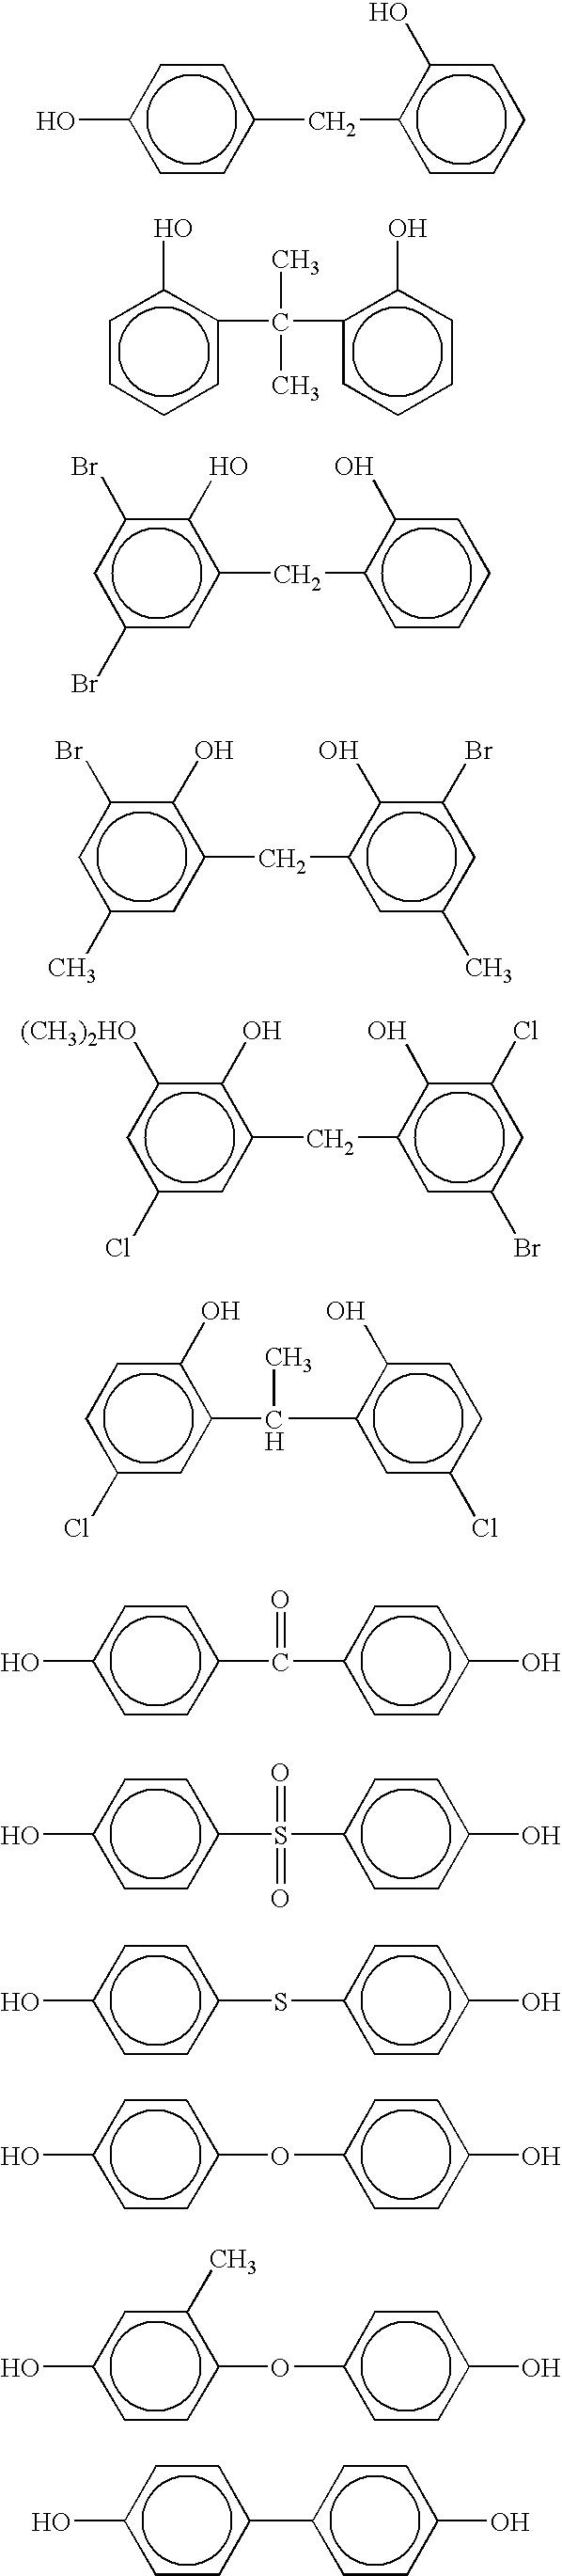 Figure US07101590-20060905-C00006